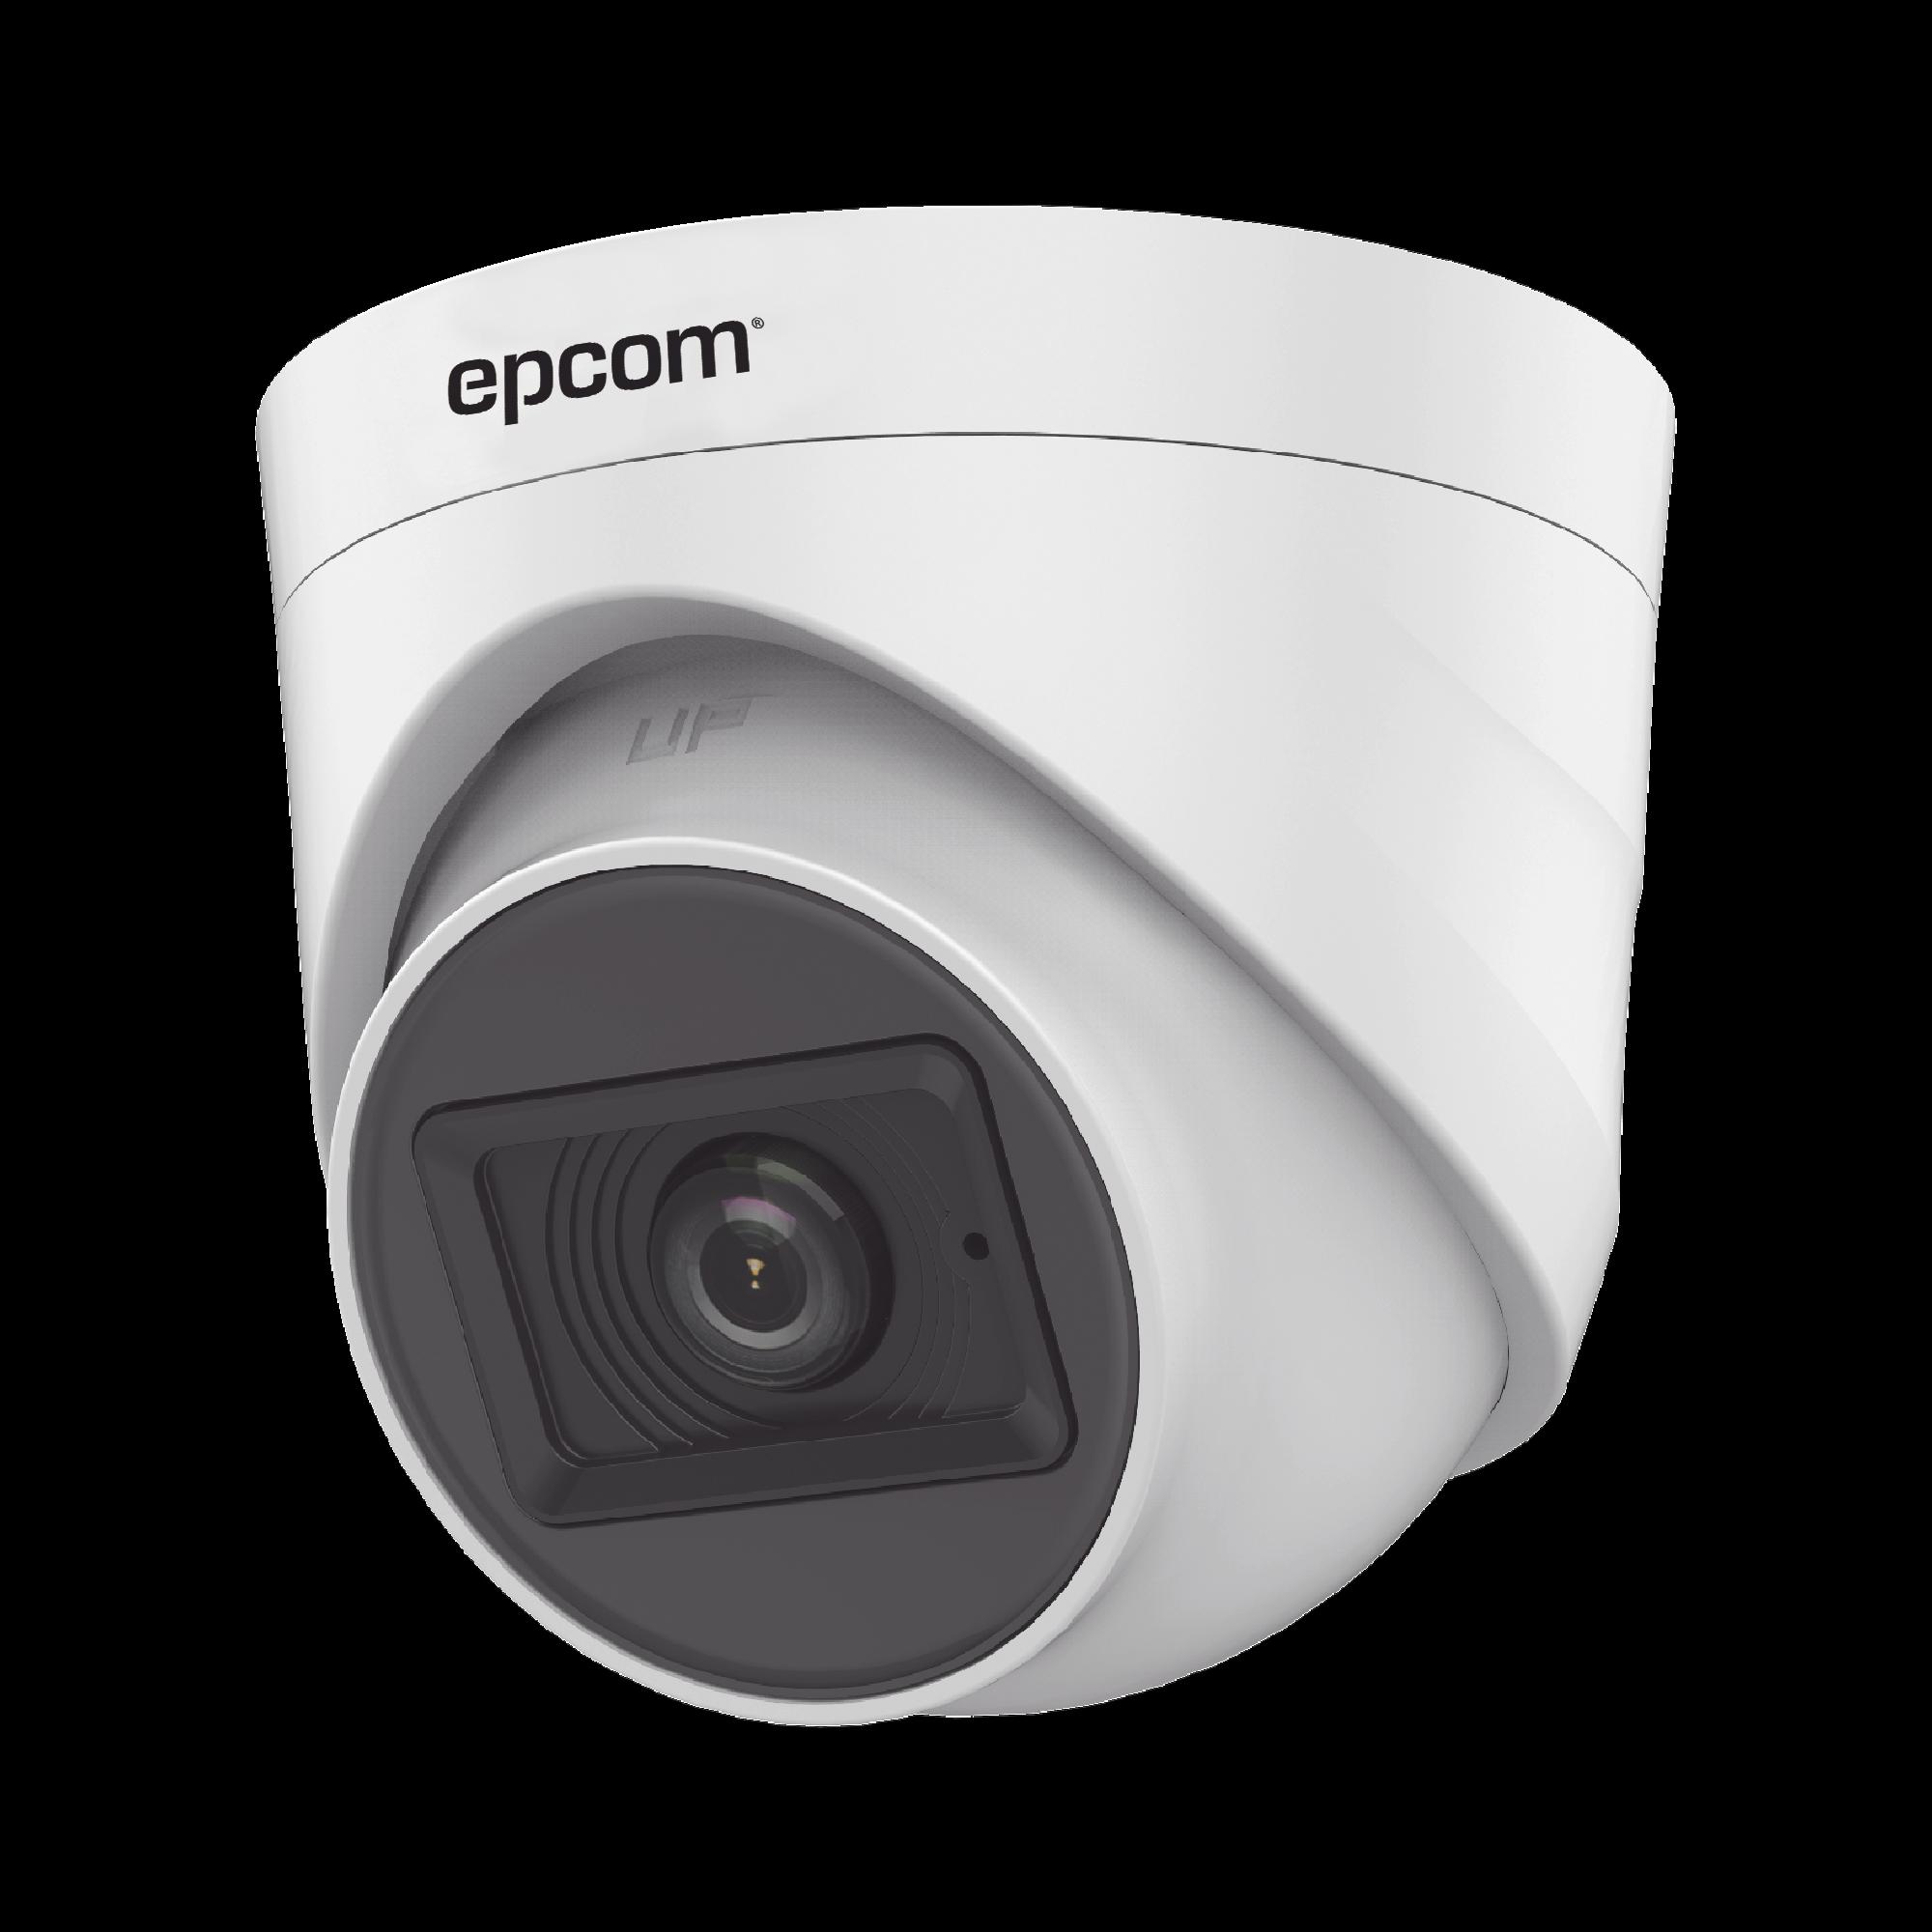 AUDIO POR COAXITRON / Domo TURBOHD 2 Megapixel (1080p) / Gran Angular 106? / Lente 2.8 mm / 20 mts IR EXIR / Interior / 4 Tecnologías / dWDR